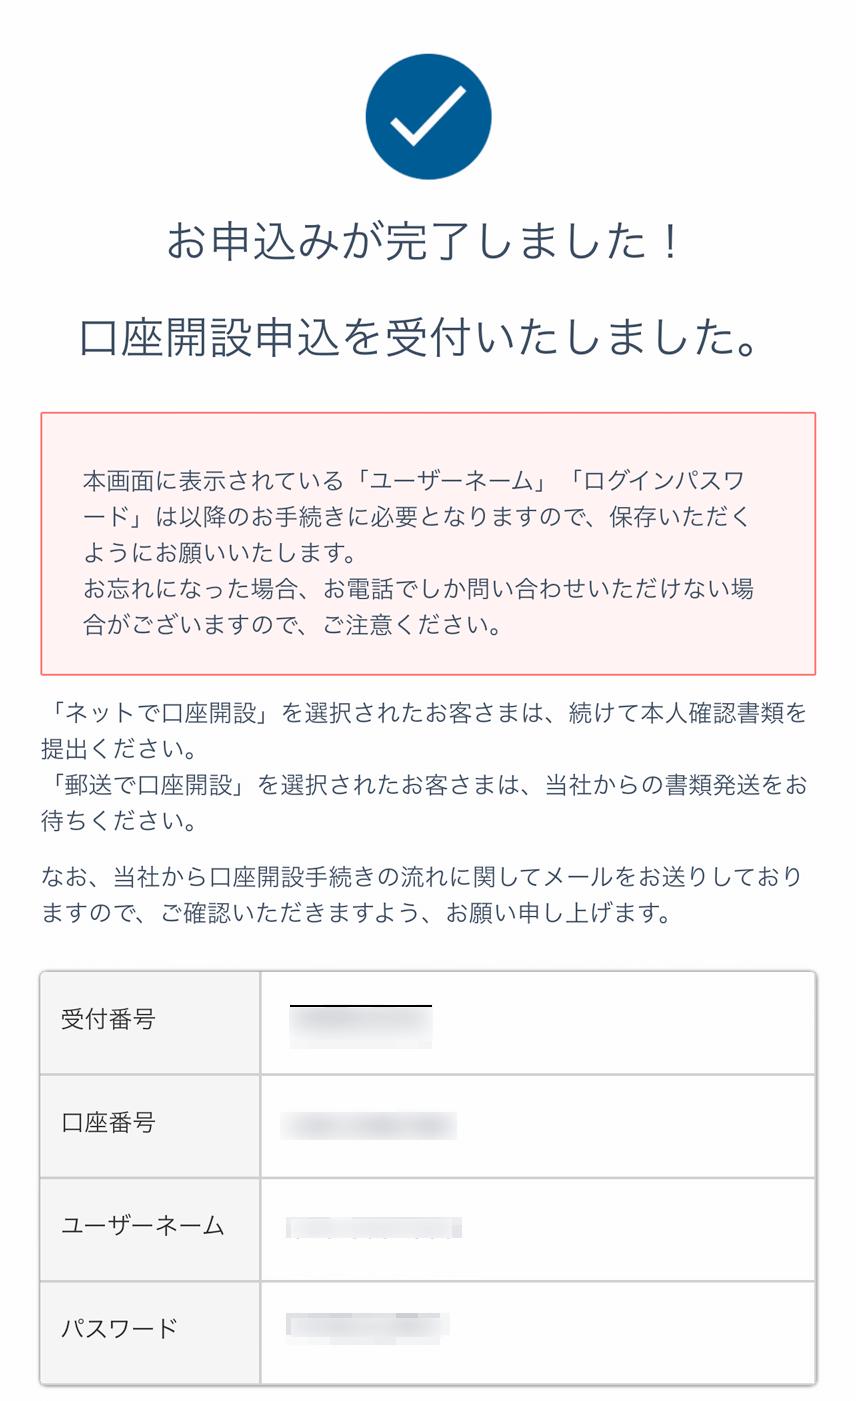 ユーザーネームとログインパスワード